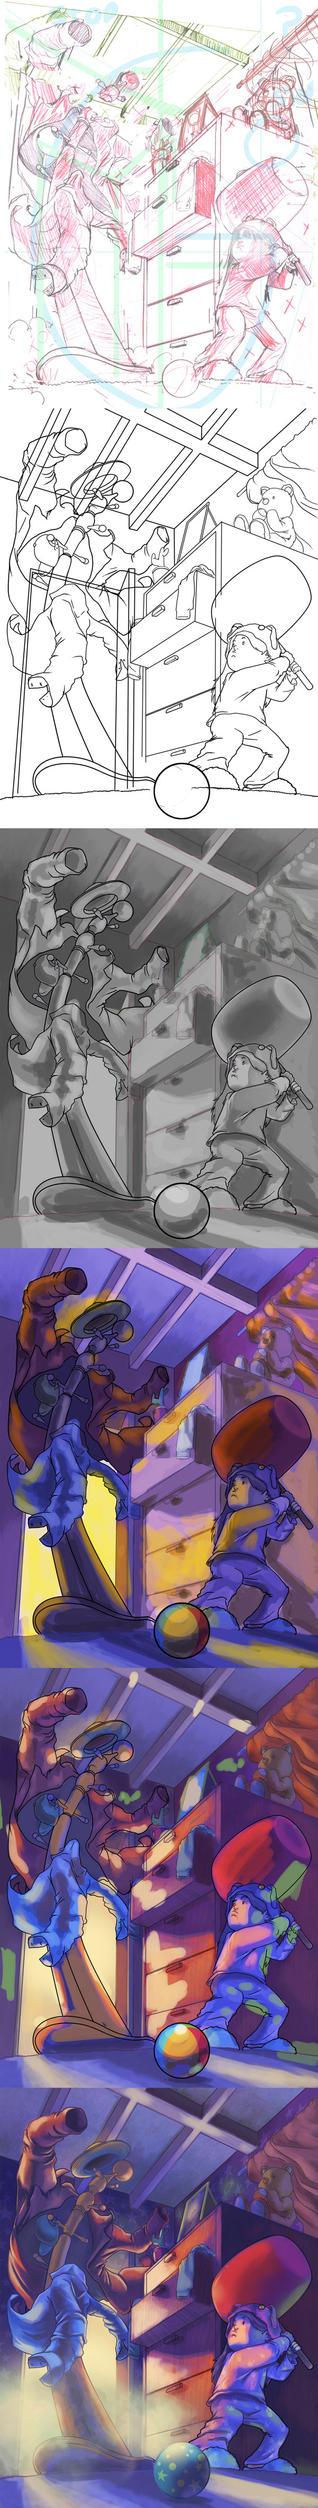 Cazadora de monstruos process by El-Andyjack